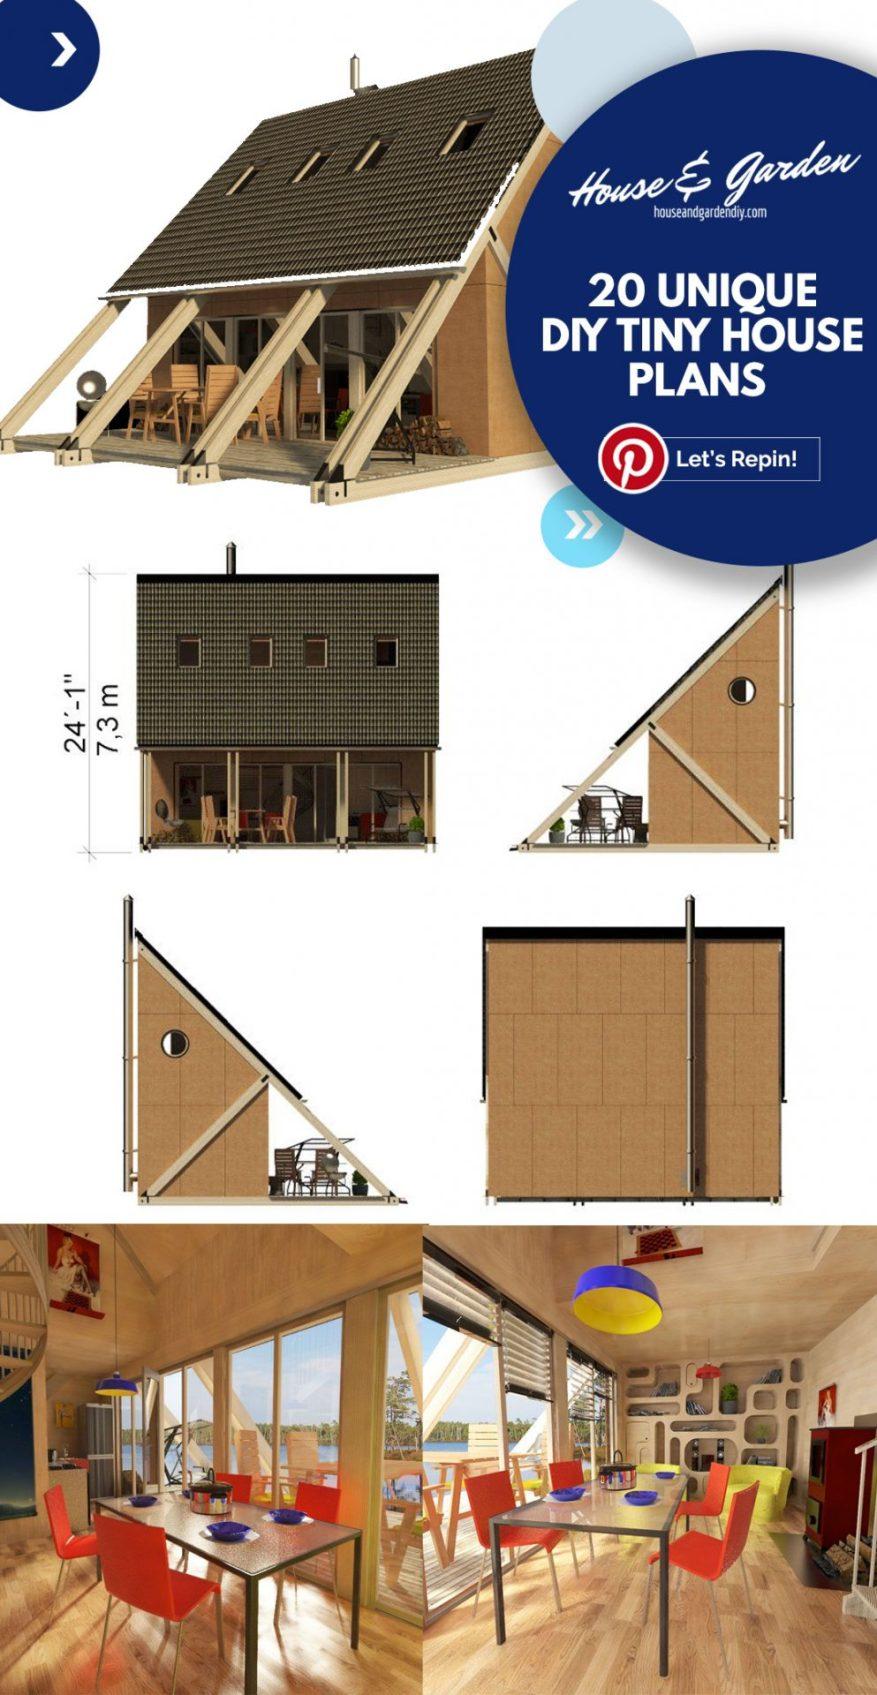 10x12 tiny house plans